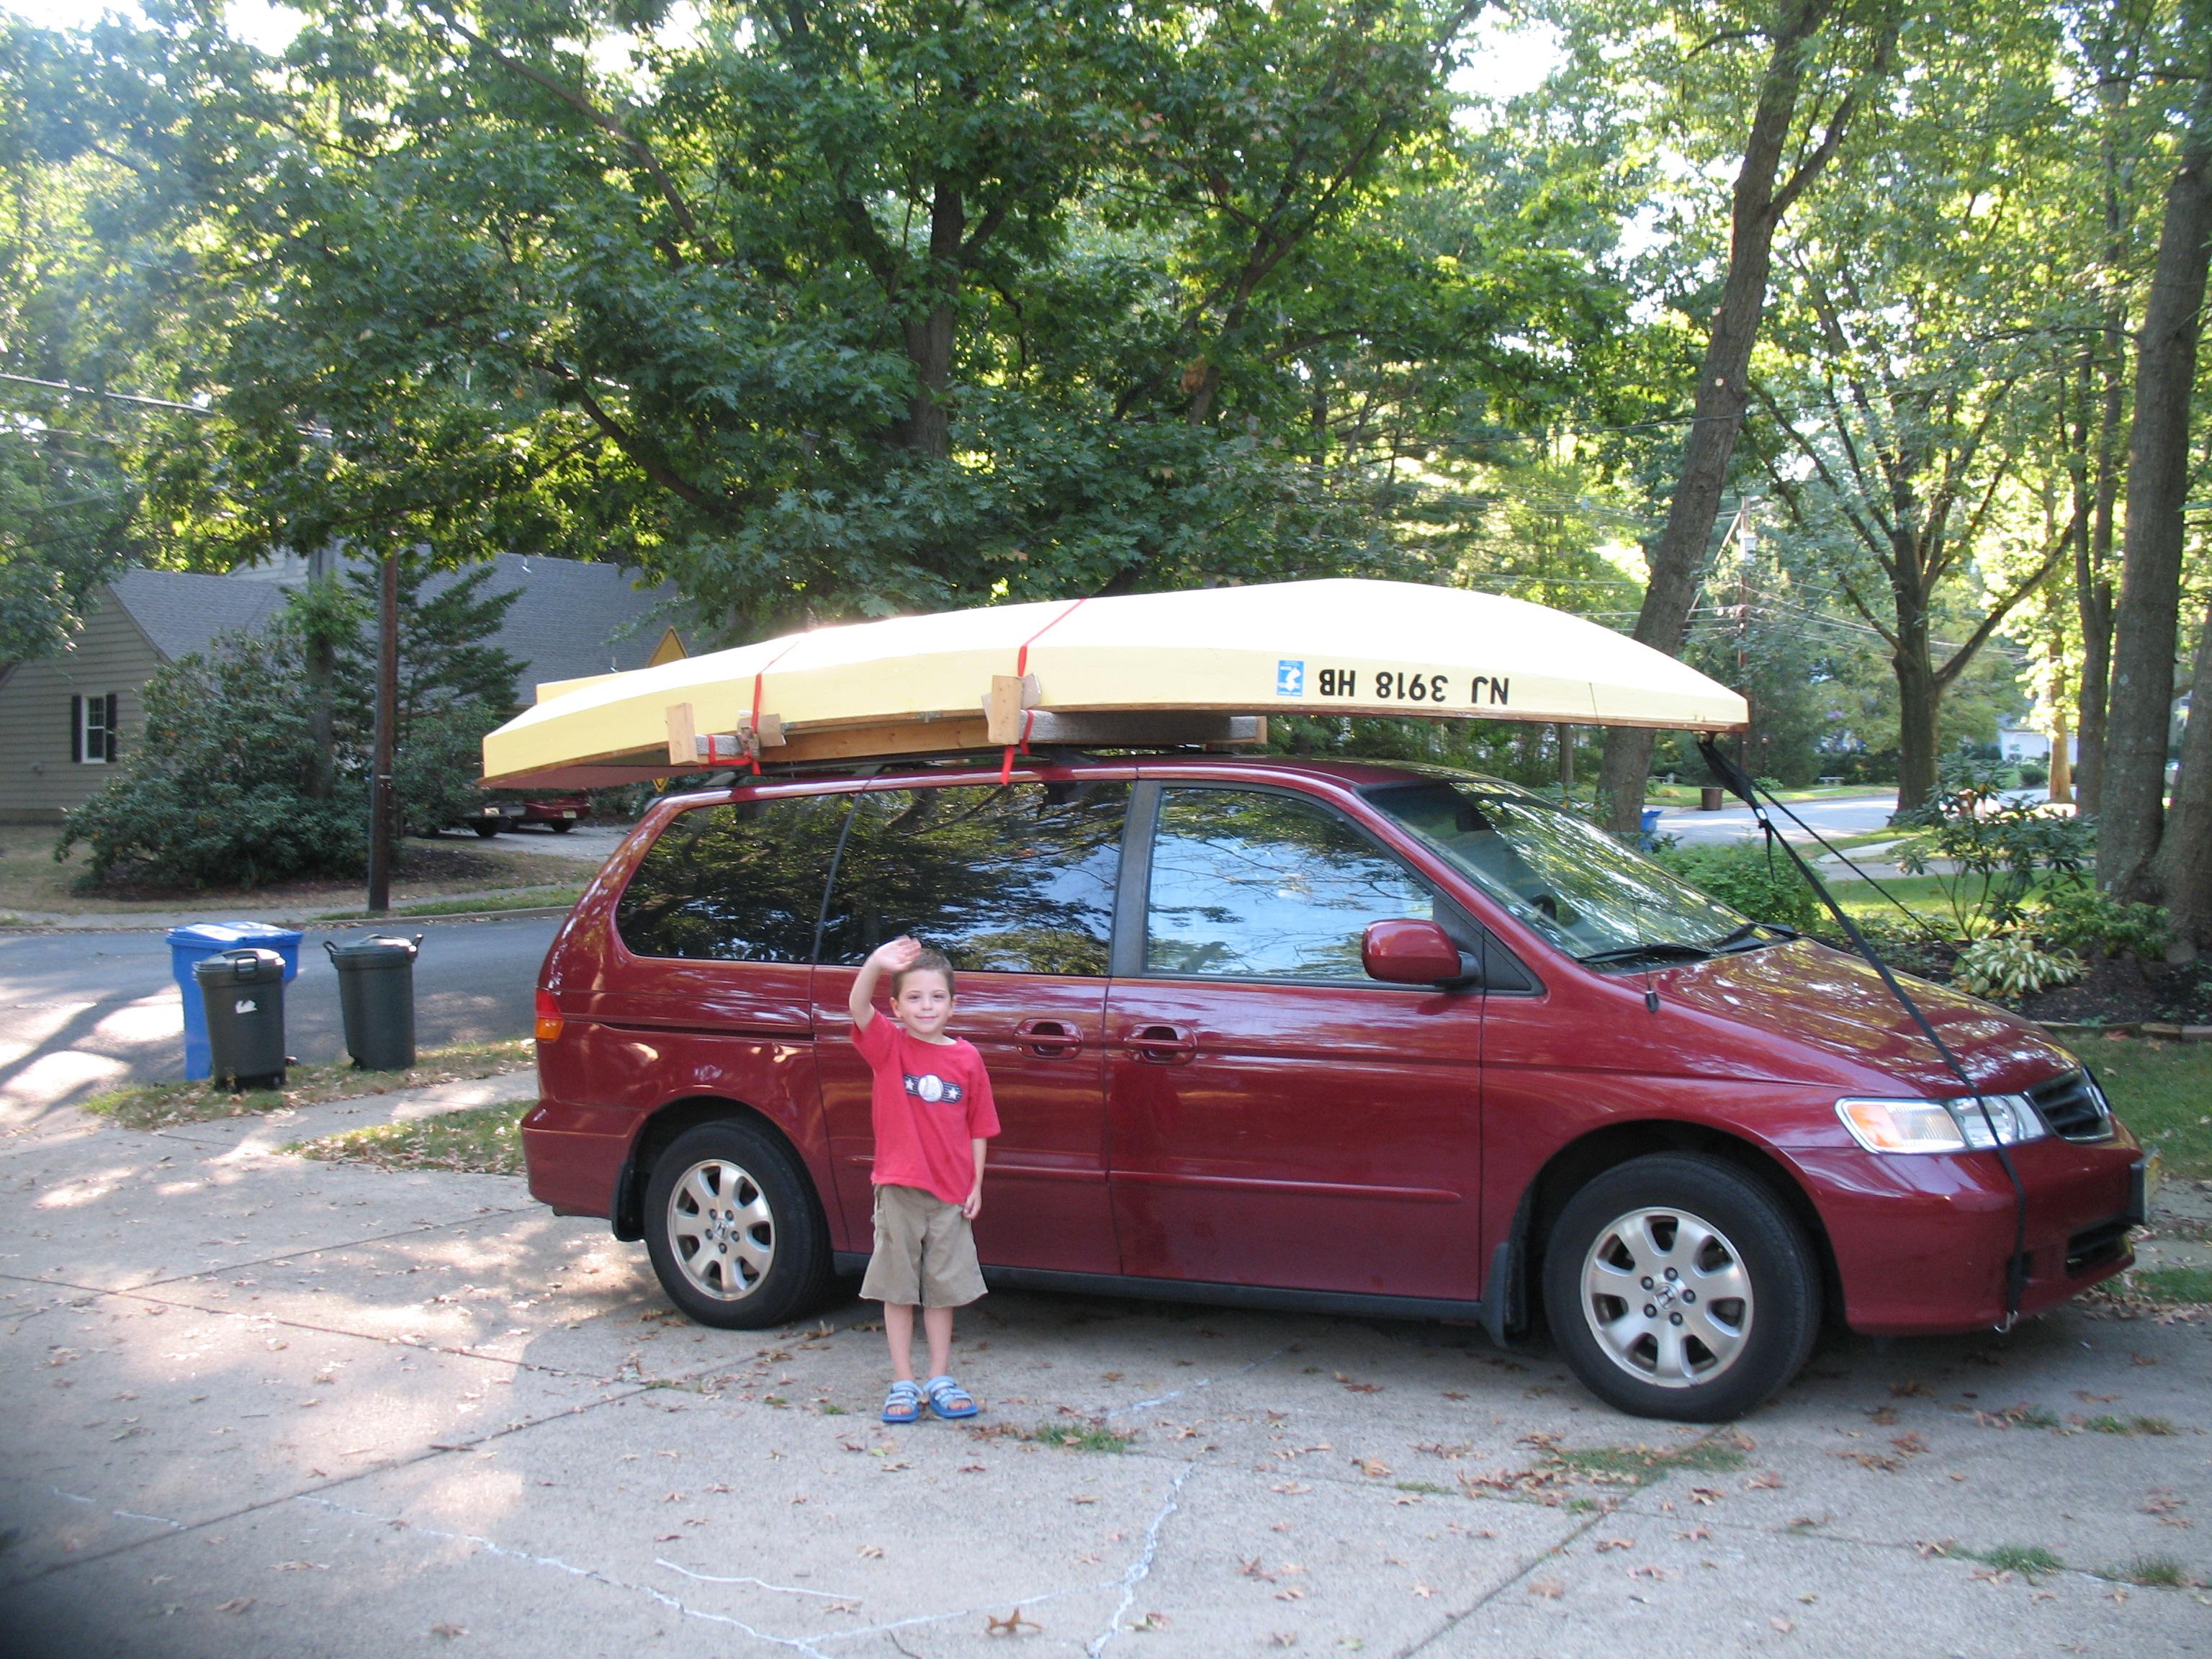 Sailboat Kayak Rack Questions About Kayak Sailing Car